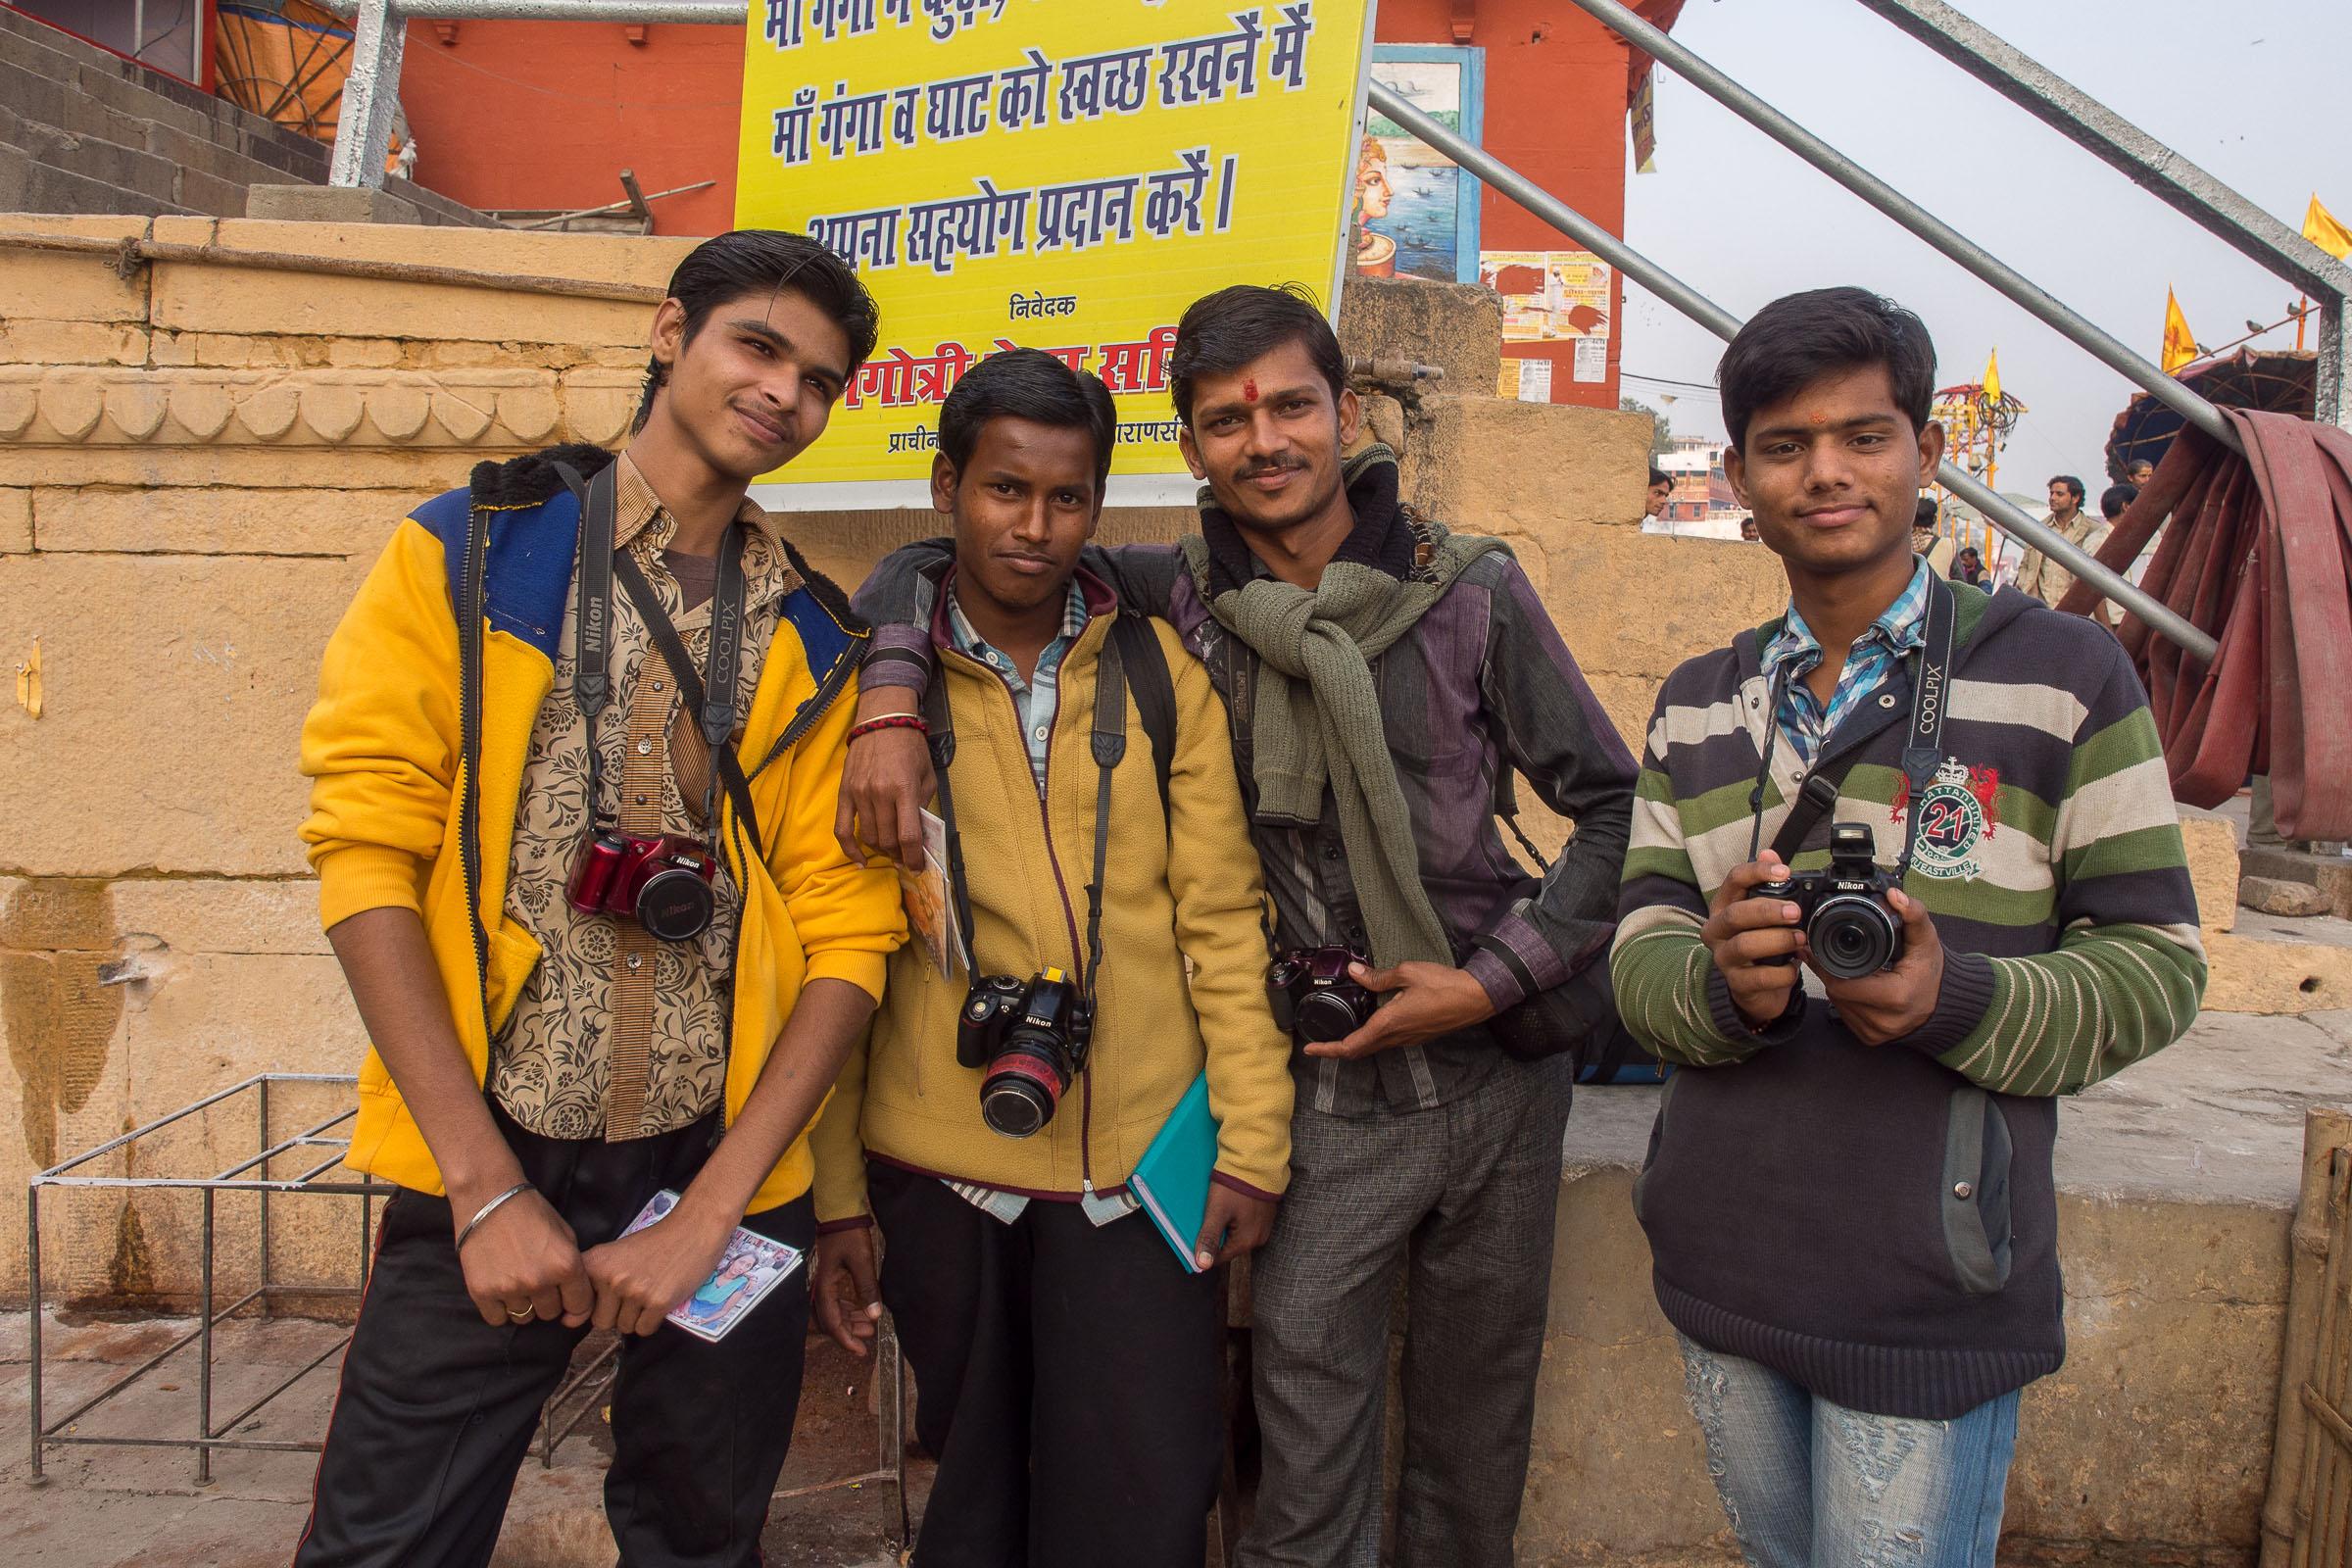 Fotógrafos - fotógrafos, fotografías de fotógrafos